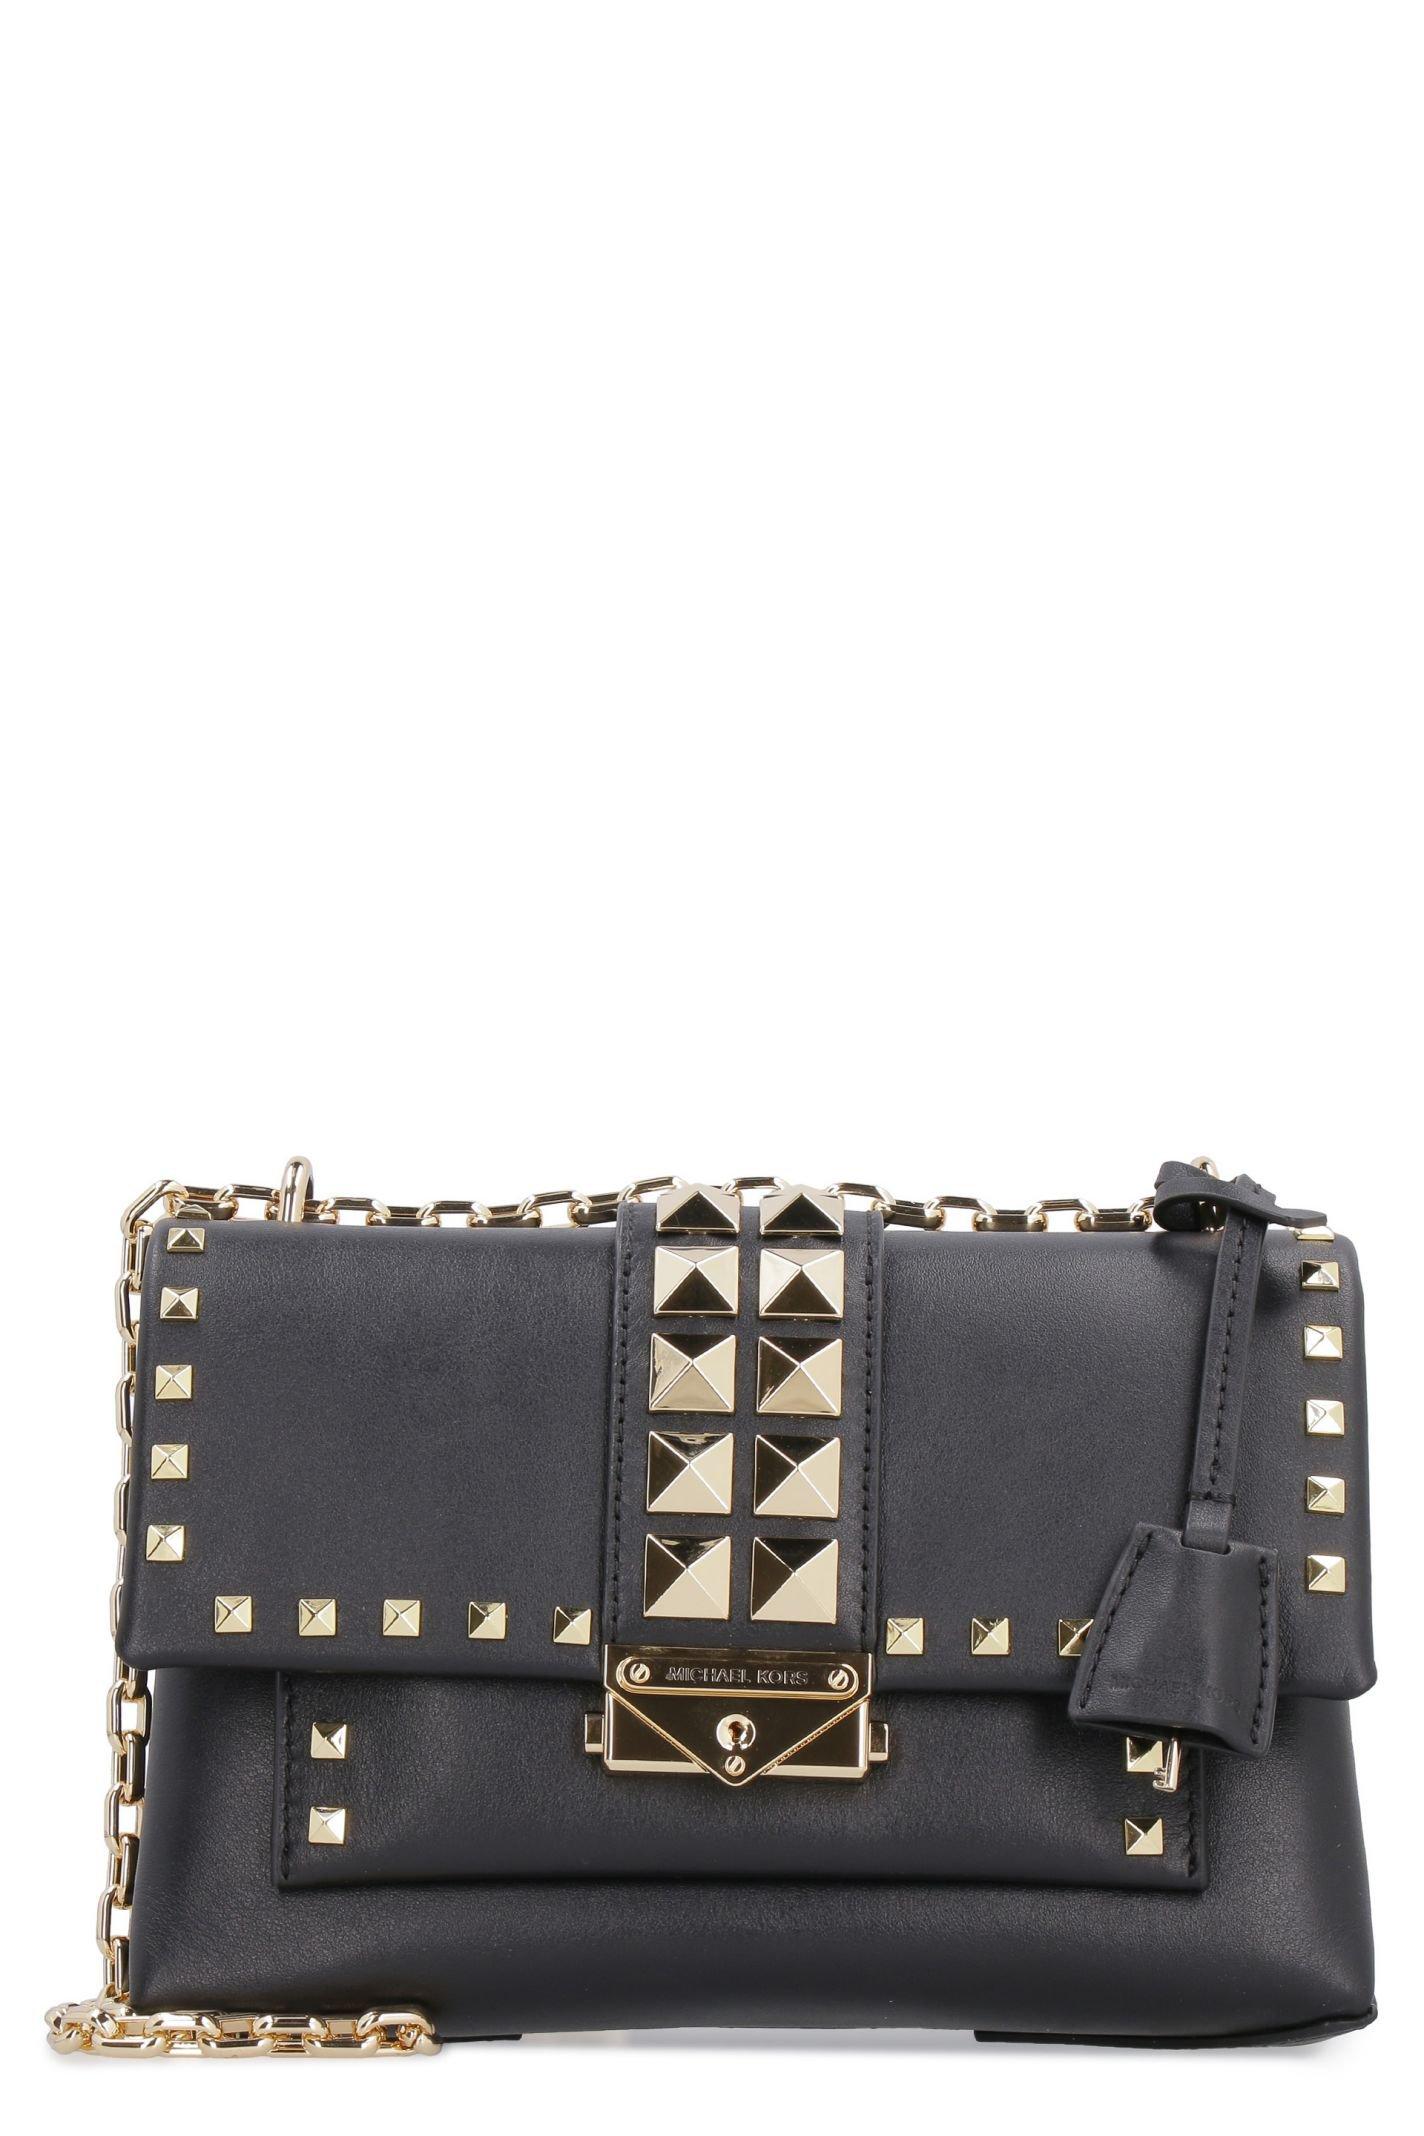 Michael Kors Cece Studded Leather Shoulder Bag